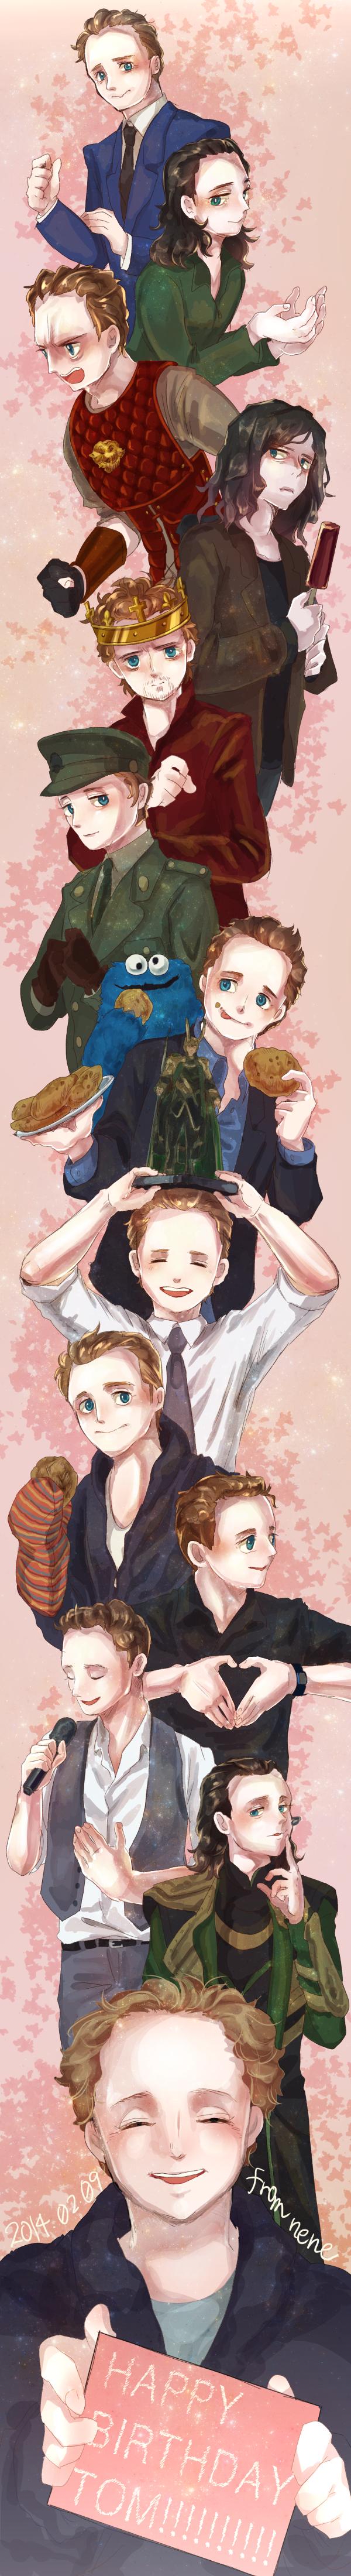 Happy Birthday,Tom! by nene-takagi